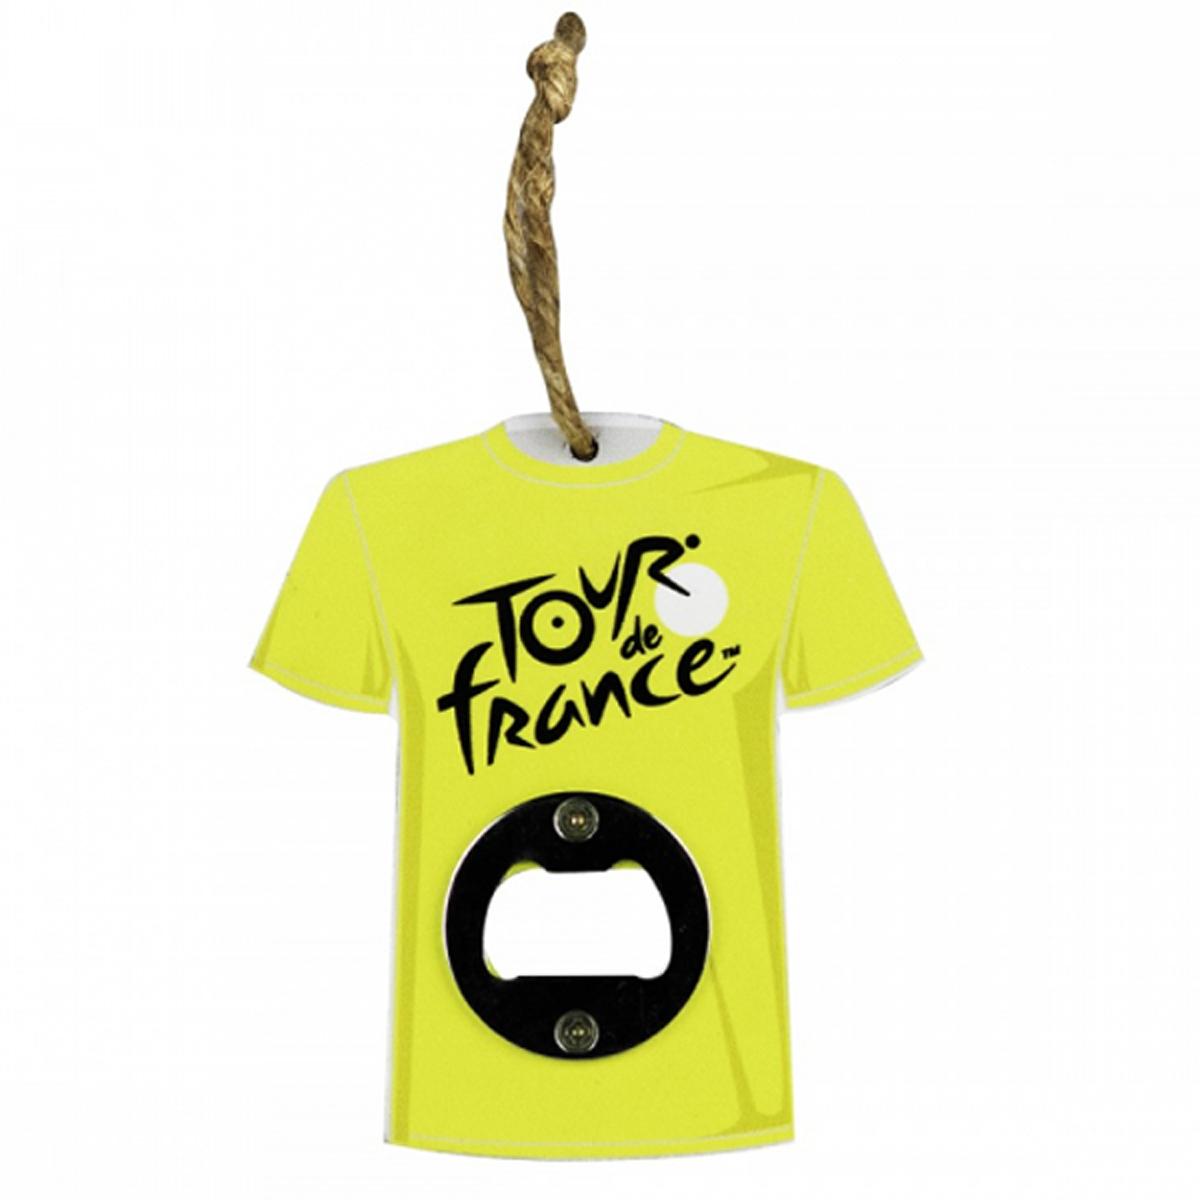 Décapsuleur bois \'Tour de France\' maillot jaune - 10x11 cm - [R1969]